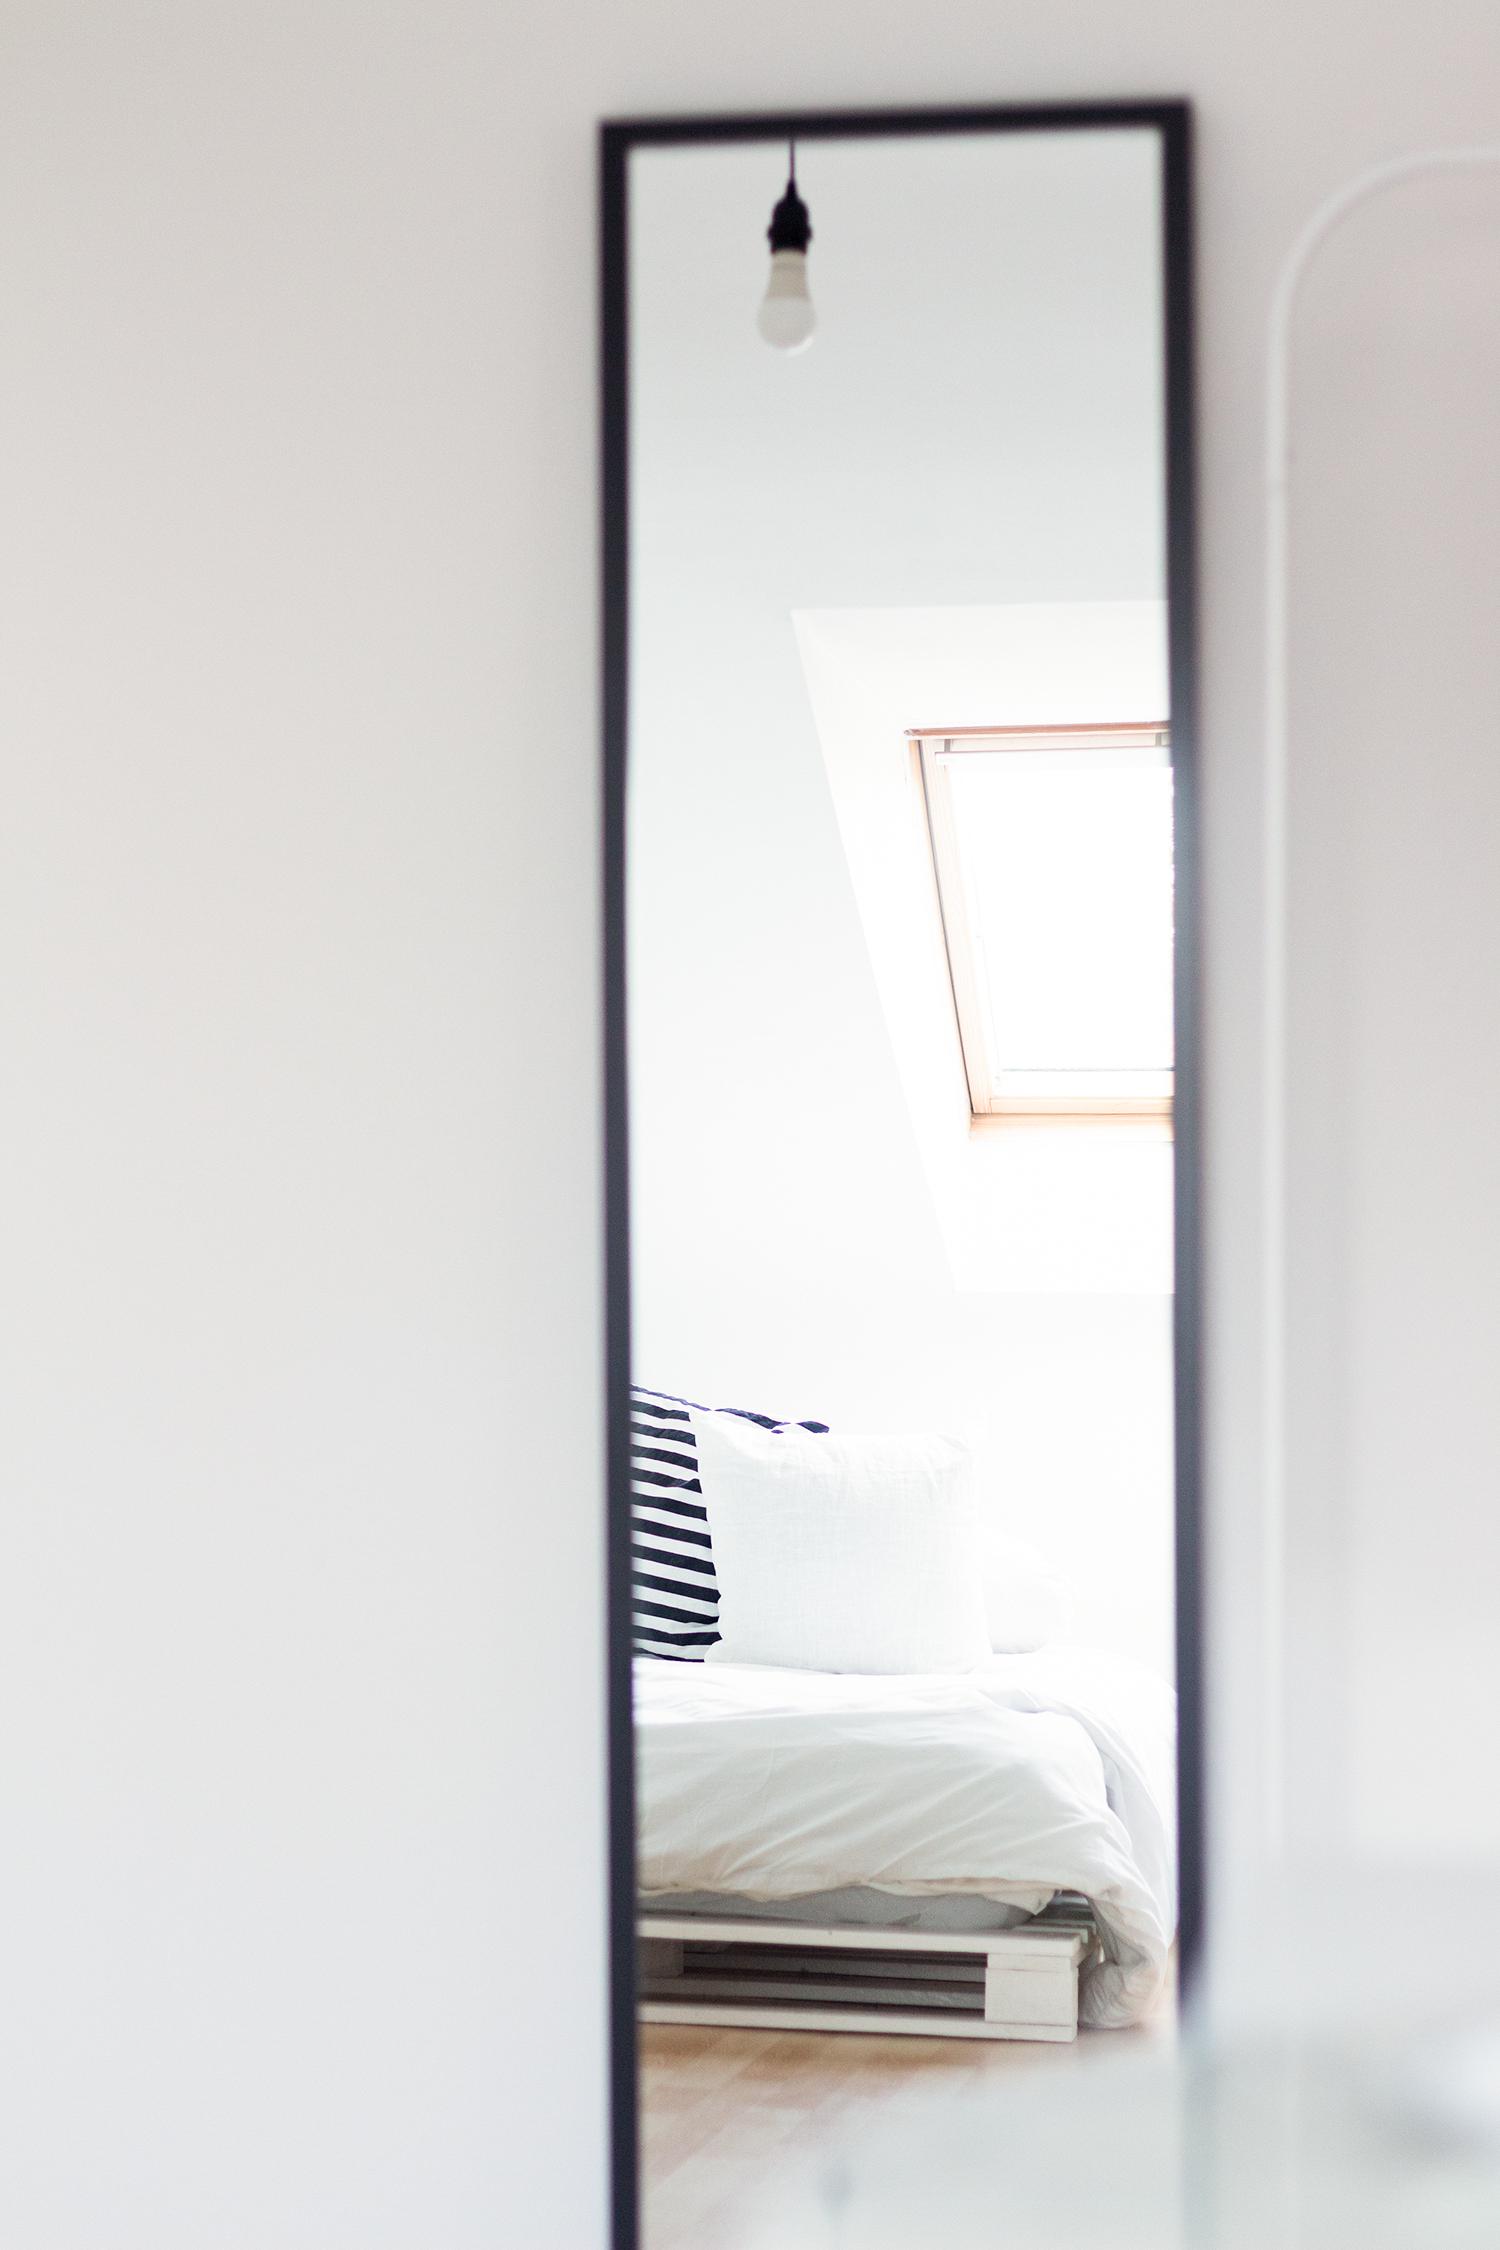 Anleitung für ein Bett aus weißen Europaletten. Eine einfache, schnelle und günstiges Do it yourself-Idee mit tollem Ergebnis!